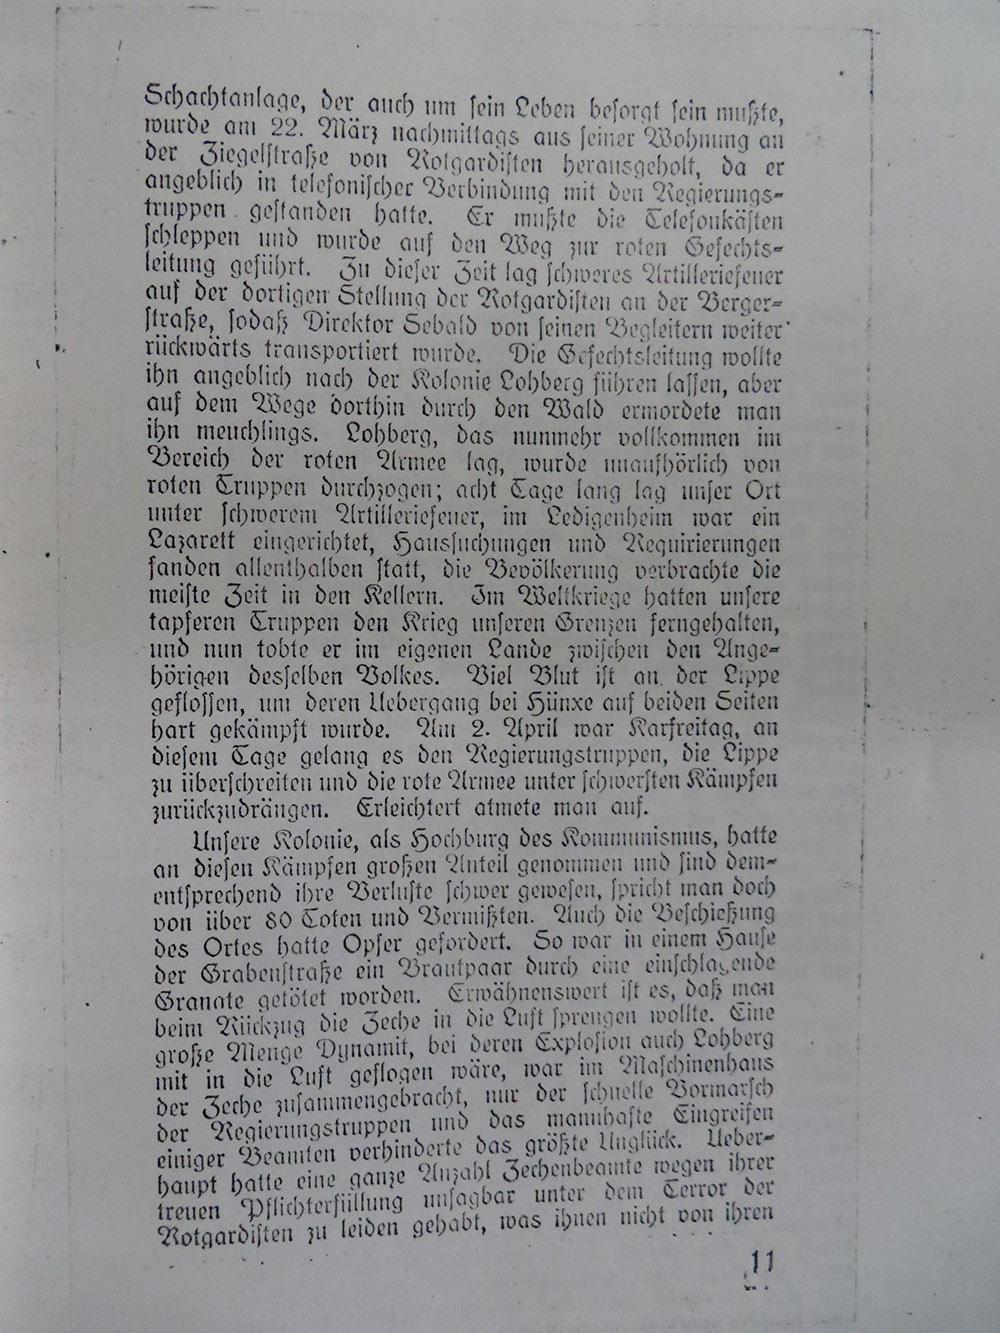 Sammlung Dittgen, SP 68-109